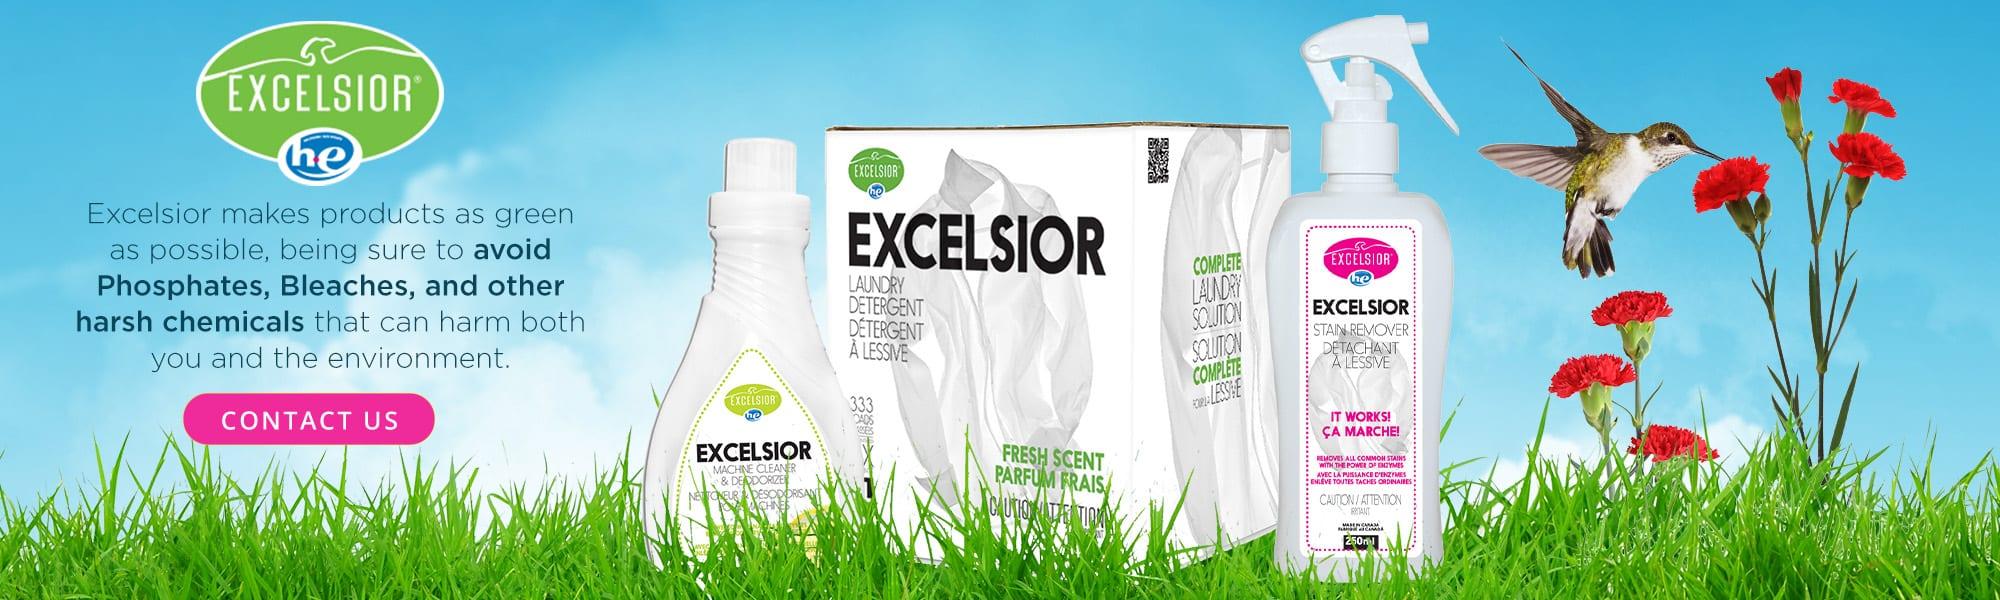 Excelsior Slide